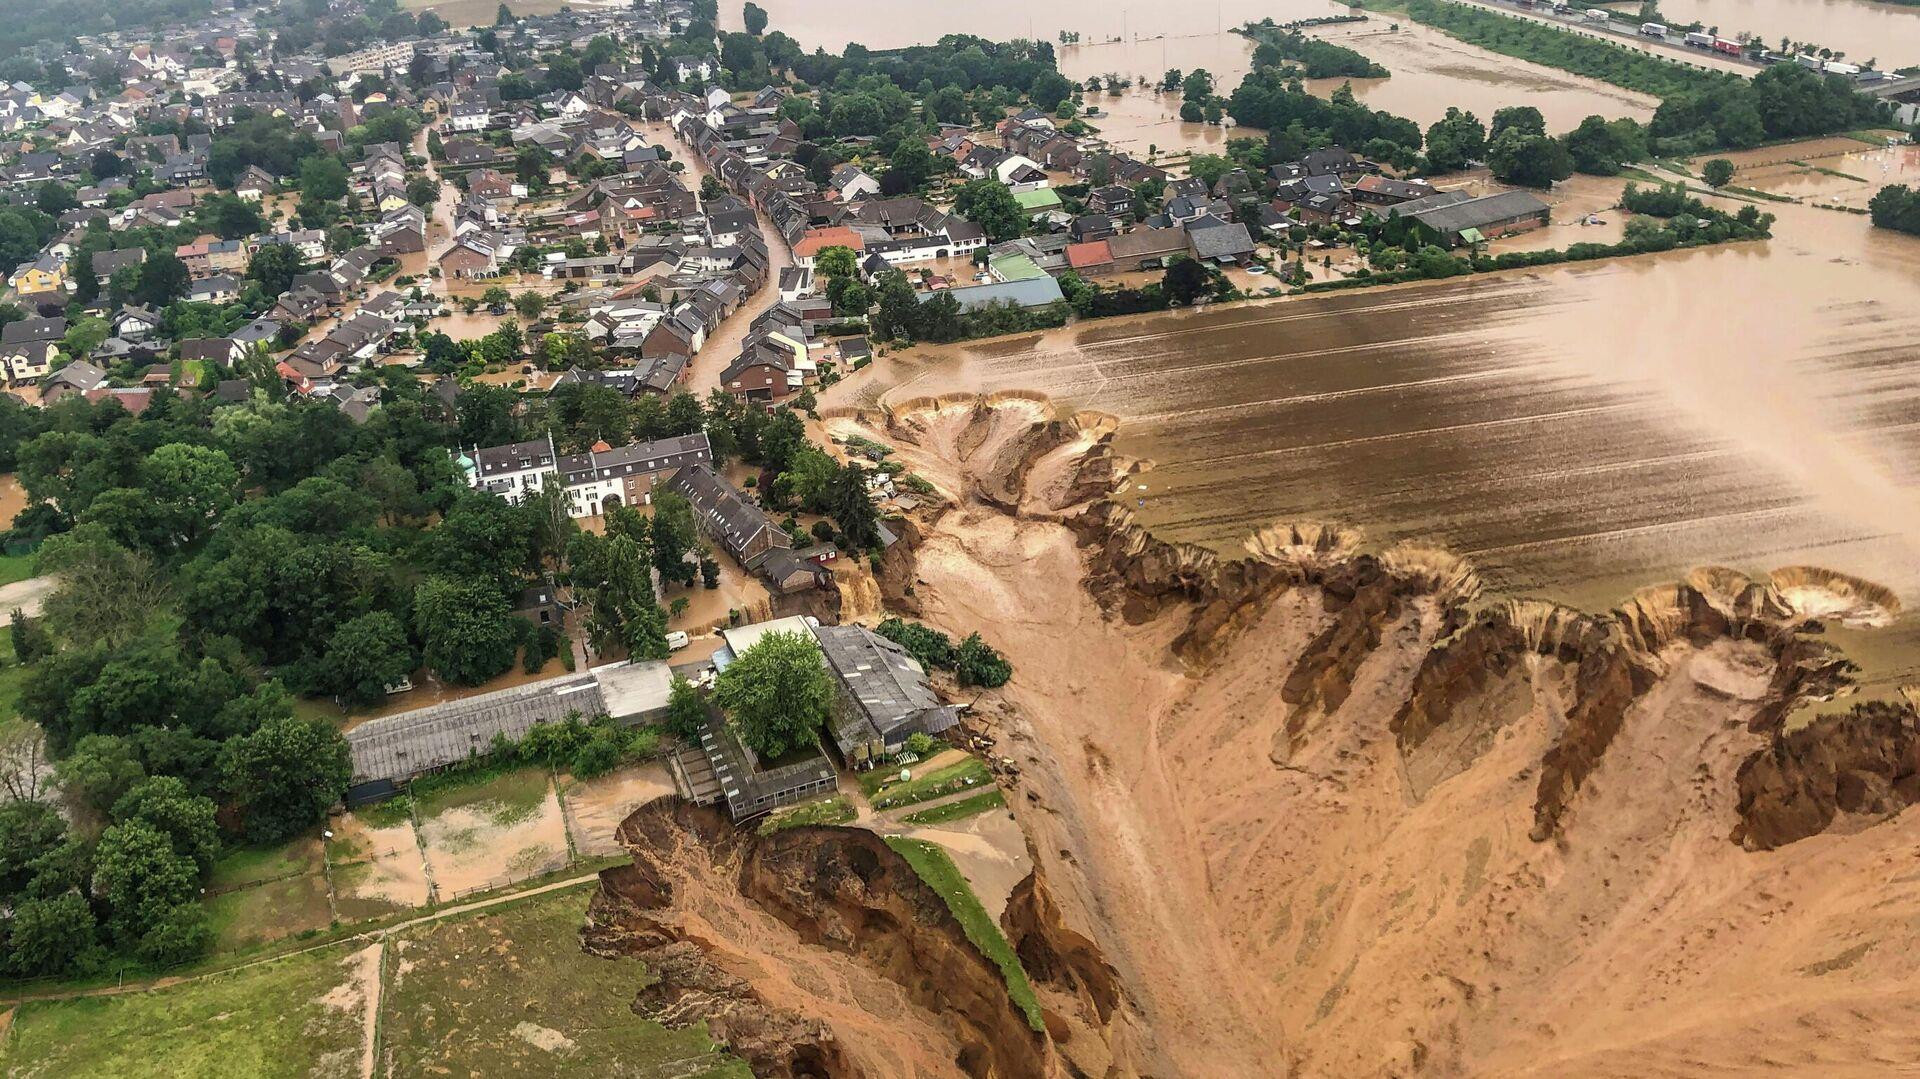 Verheerende Erdrutsche nach heftigen Überschwemmungen in Erftstadt-Blessem, Nordrhein-Westfalen, 16.Juli 2021 - SNA, 1920, 16.07.2021